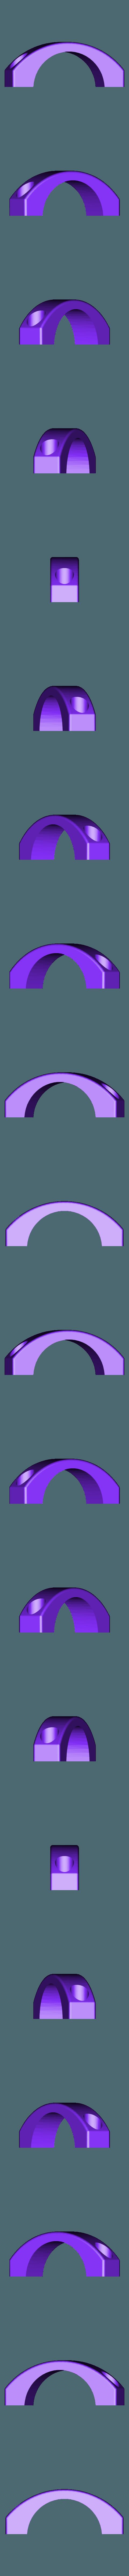 support garmin pièce 2.STL Download STL file Garmin Support • 3D printable model, ThomasMrtn